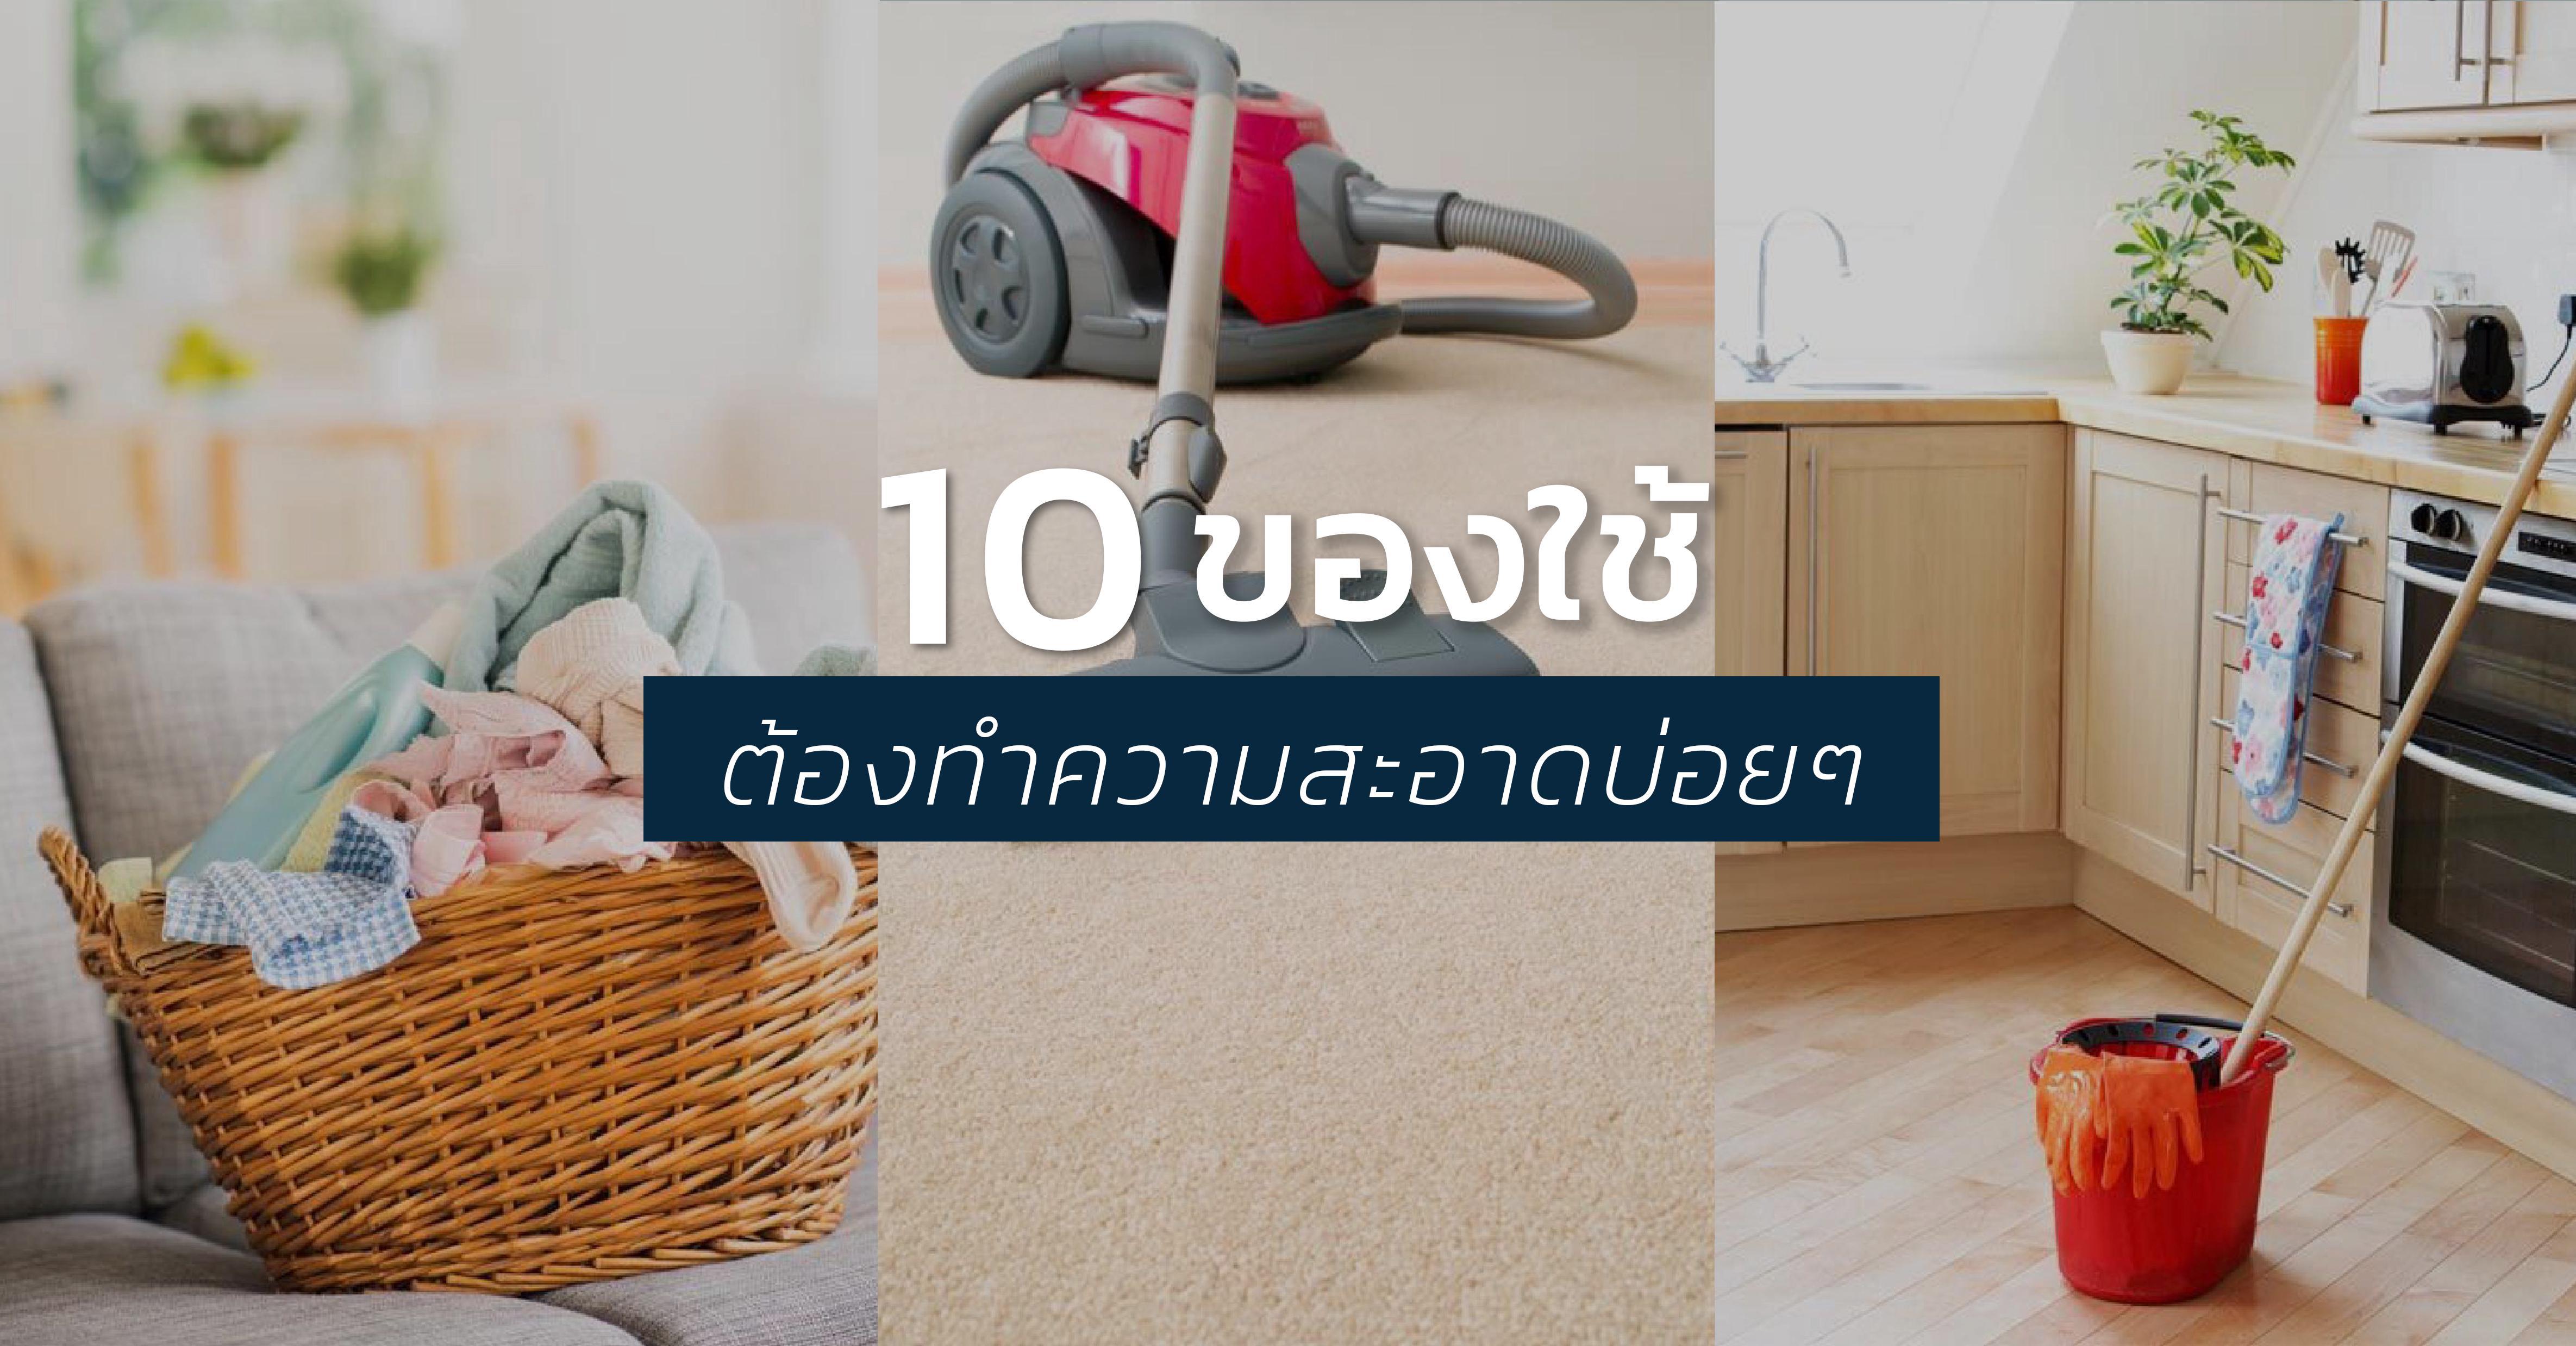 รูปบทความ ของใช้ 10 อย่างในคอนโดที่ต้องทำความสะอาดทุกสัปดาห์!